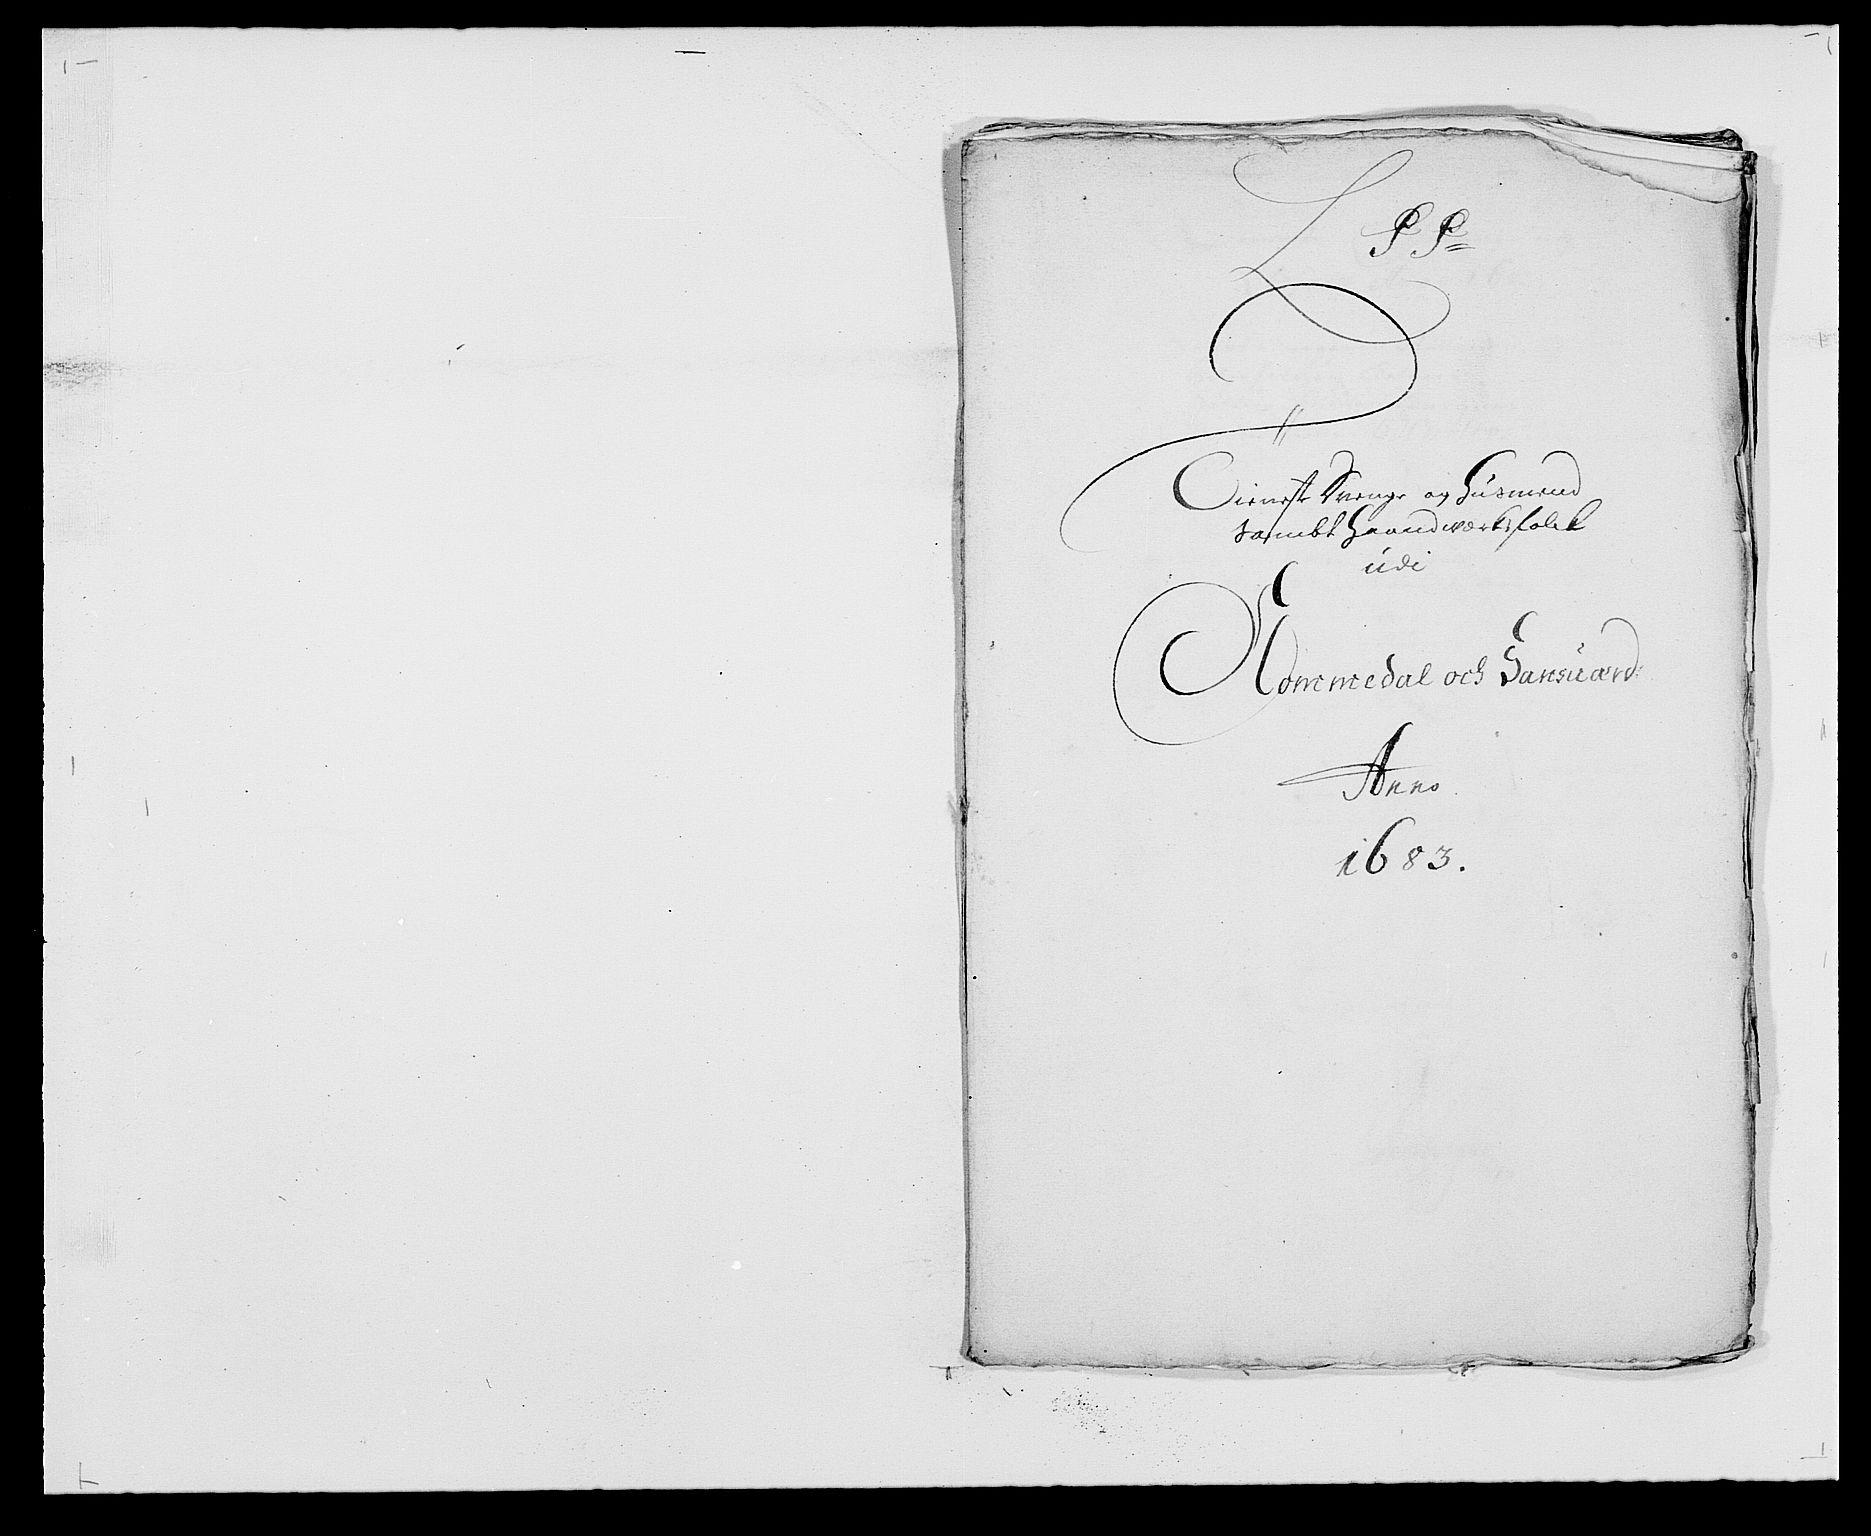 RA, Rentekammeret inntil 1814, Reviderte regnskaper, Fogderegnskap, R24/L1570: Fogderegnskap Numedal og Sandsvær, 1679-1686, s. 331